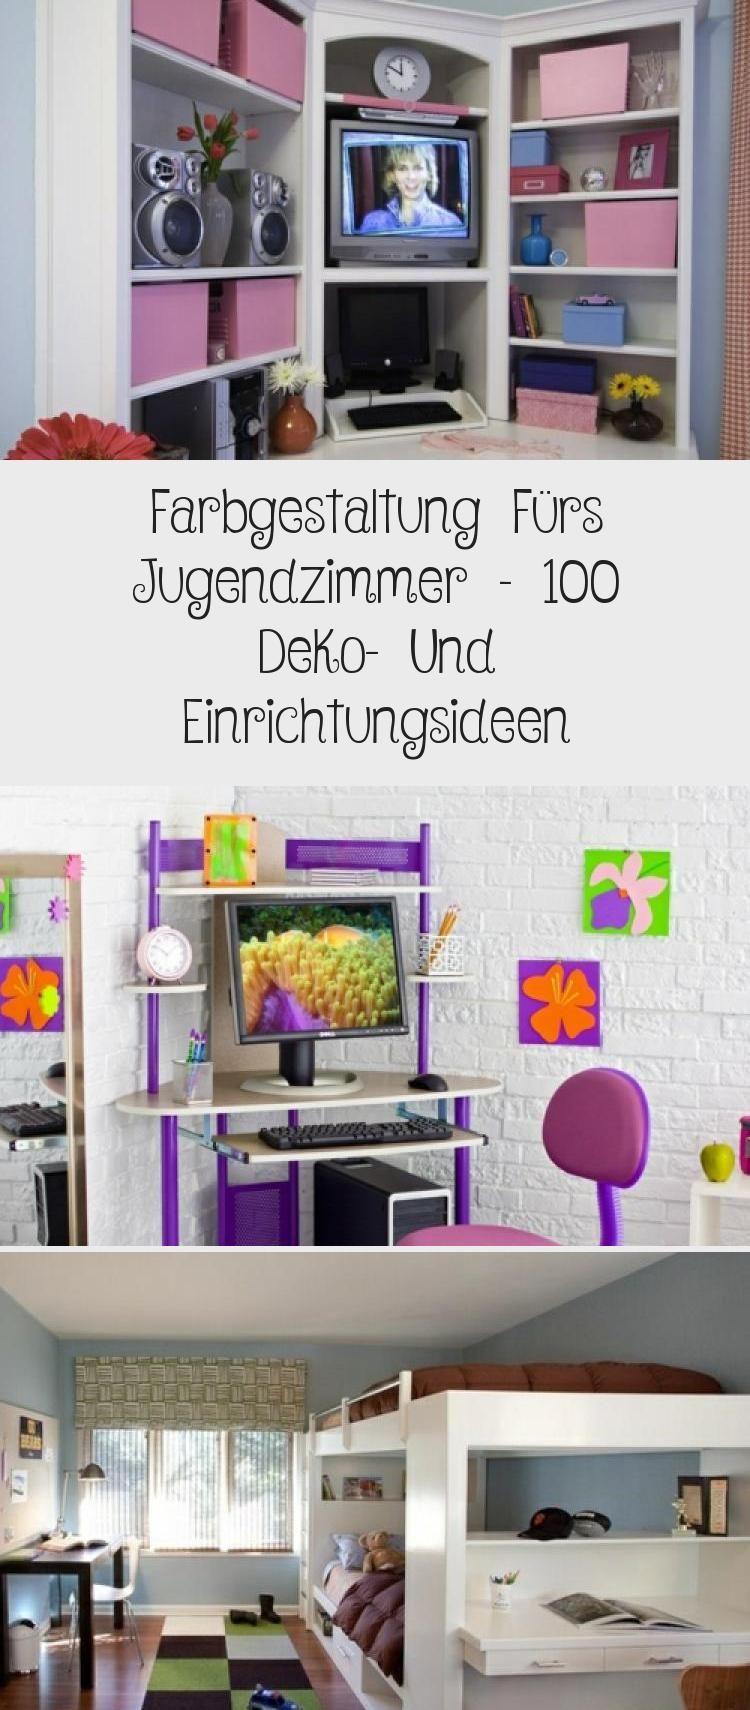 Farbgestaltung Furs Jugendzimmer 100 Deko Und Einrichtungsideen